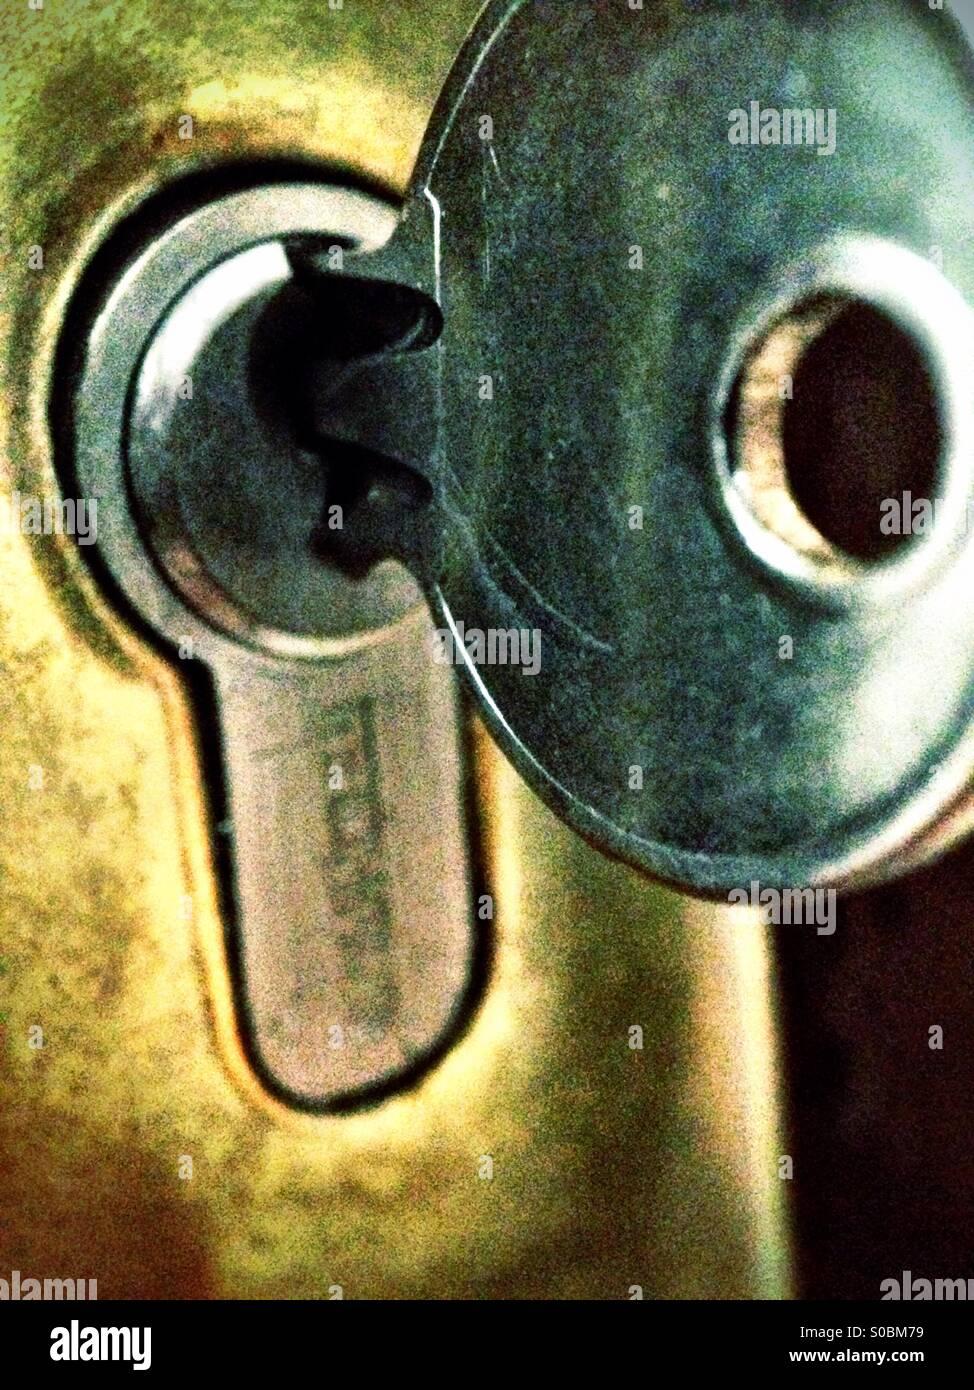 Key in lock - Stock Image